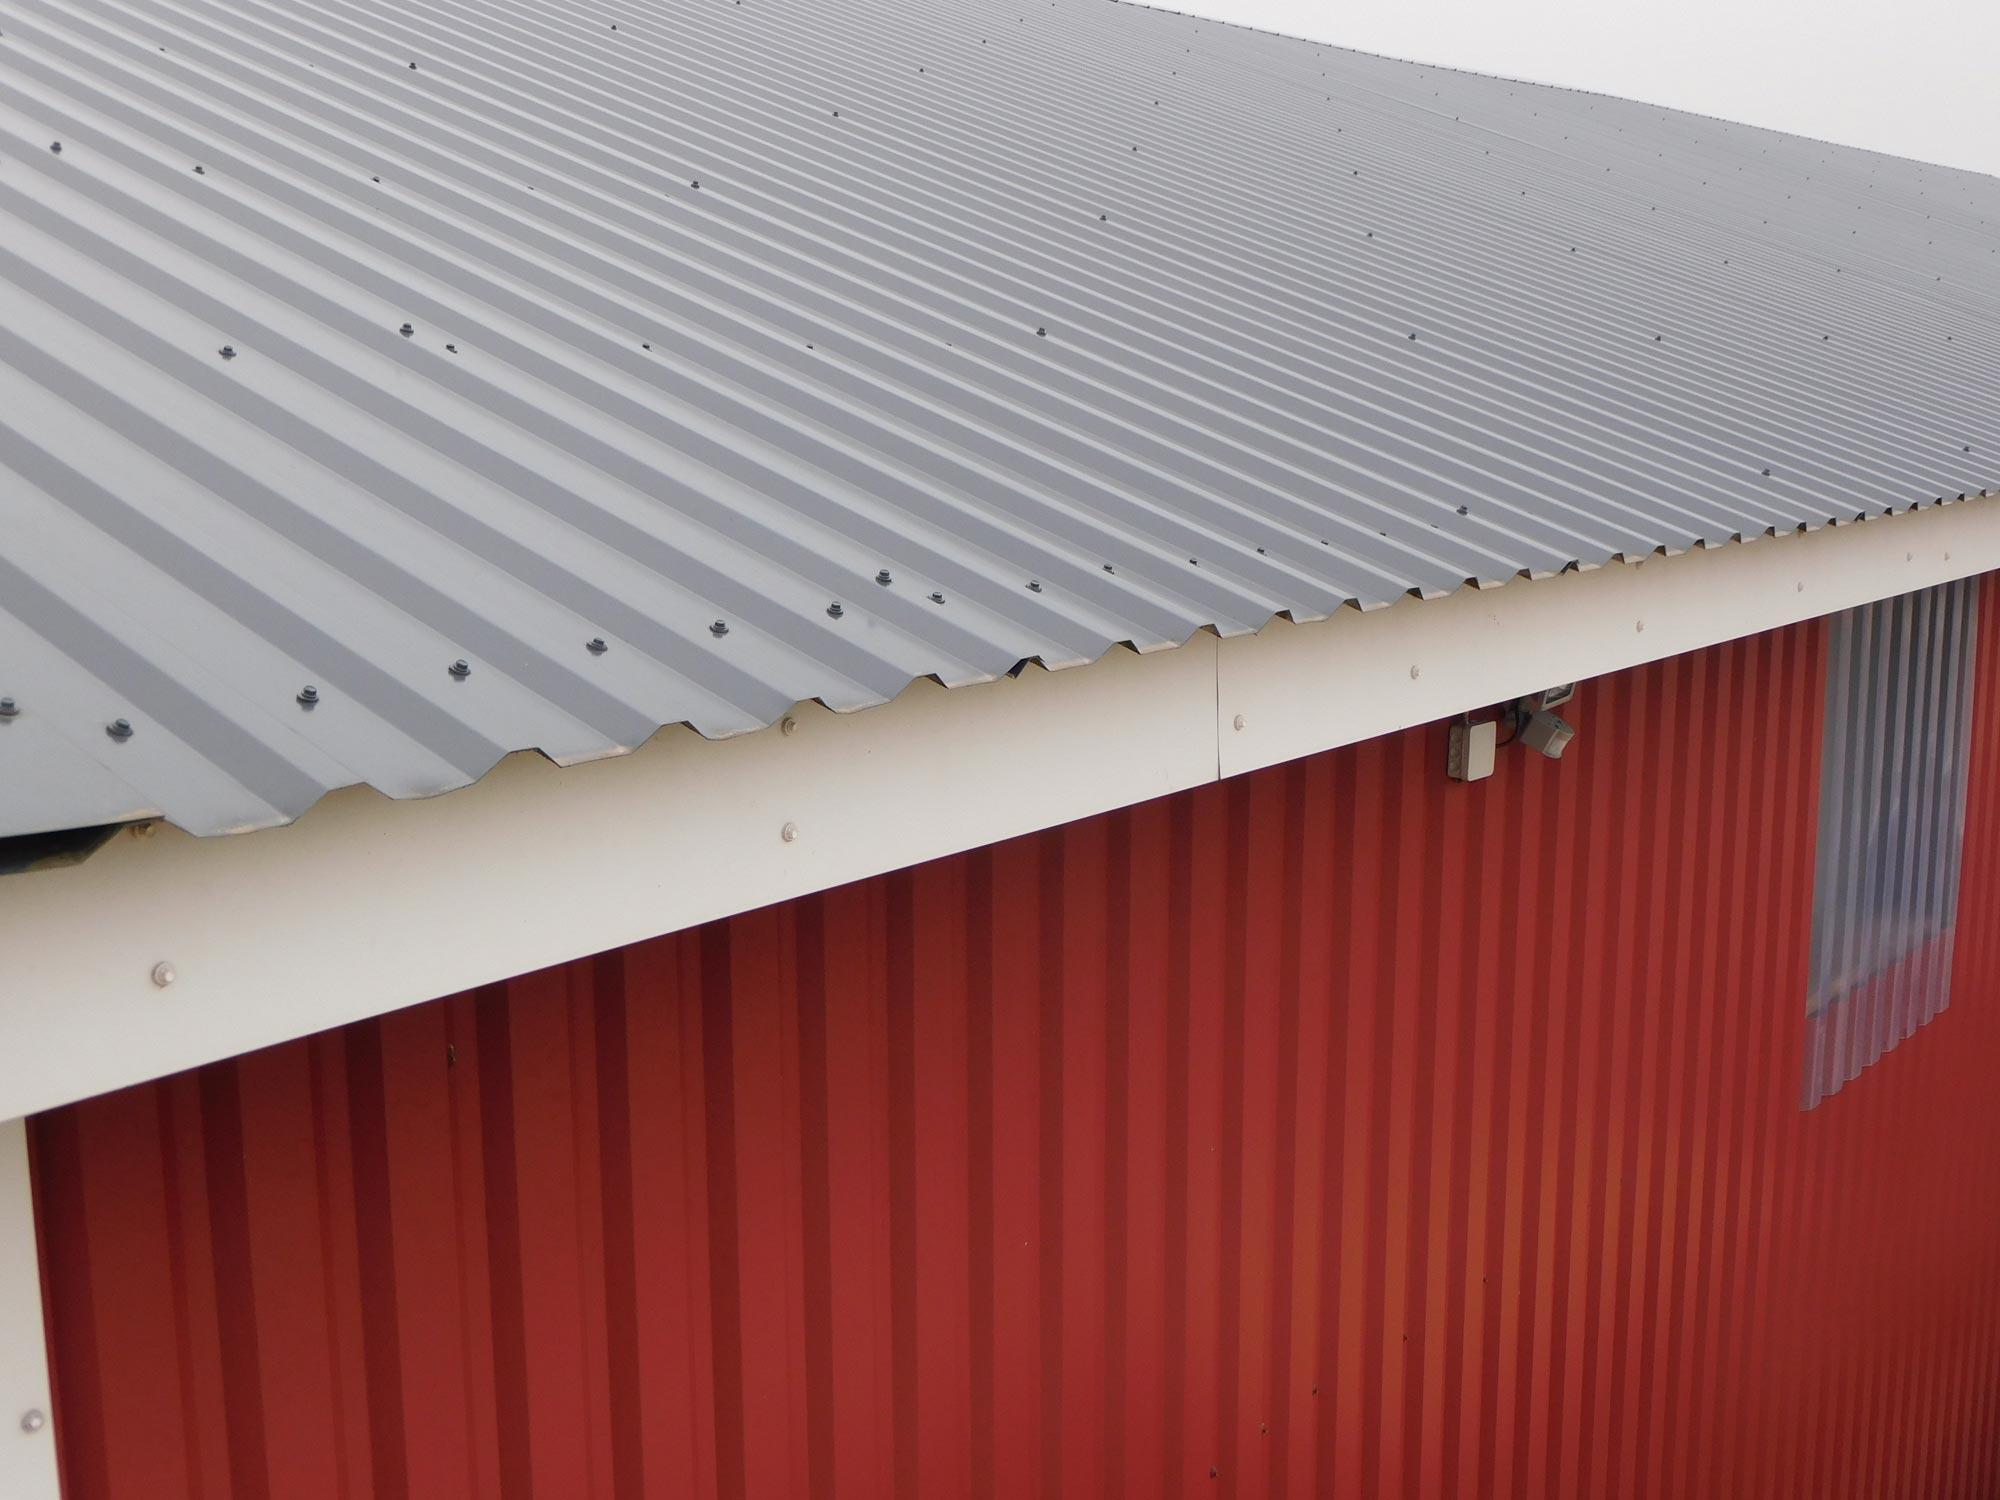 Ganz und zu Extrem Trapezblech für Dach und Wand günstig online bestellen &VG_21